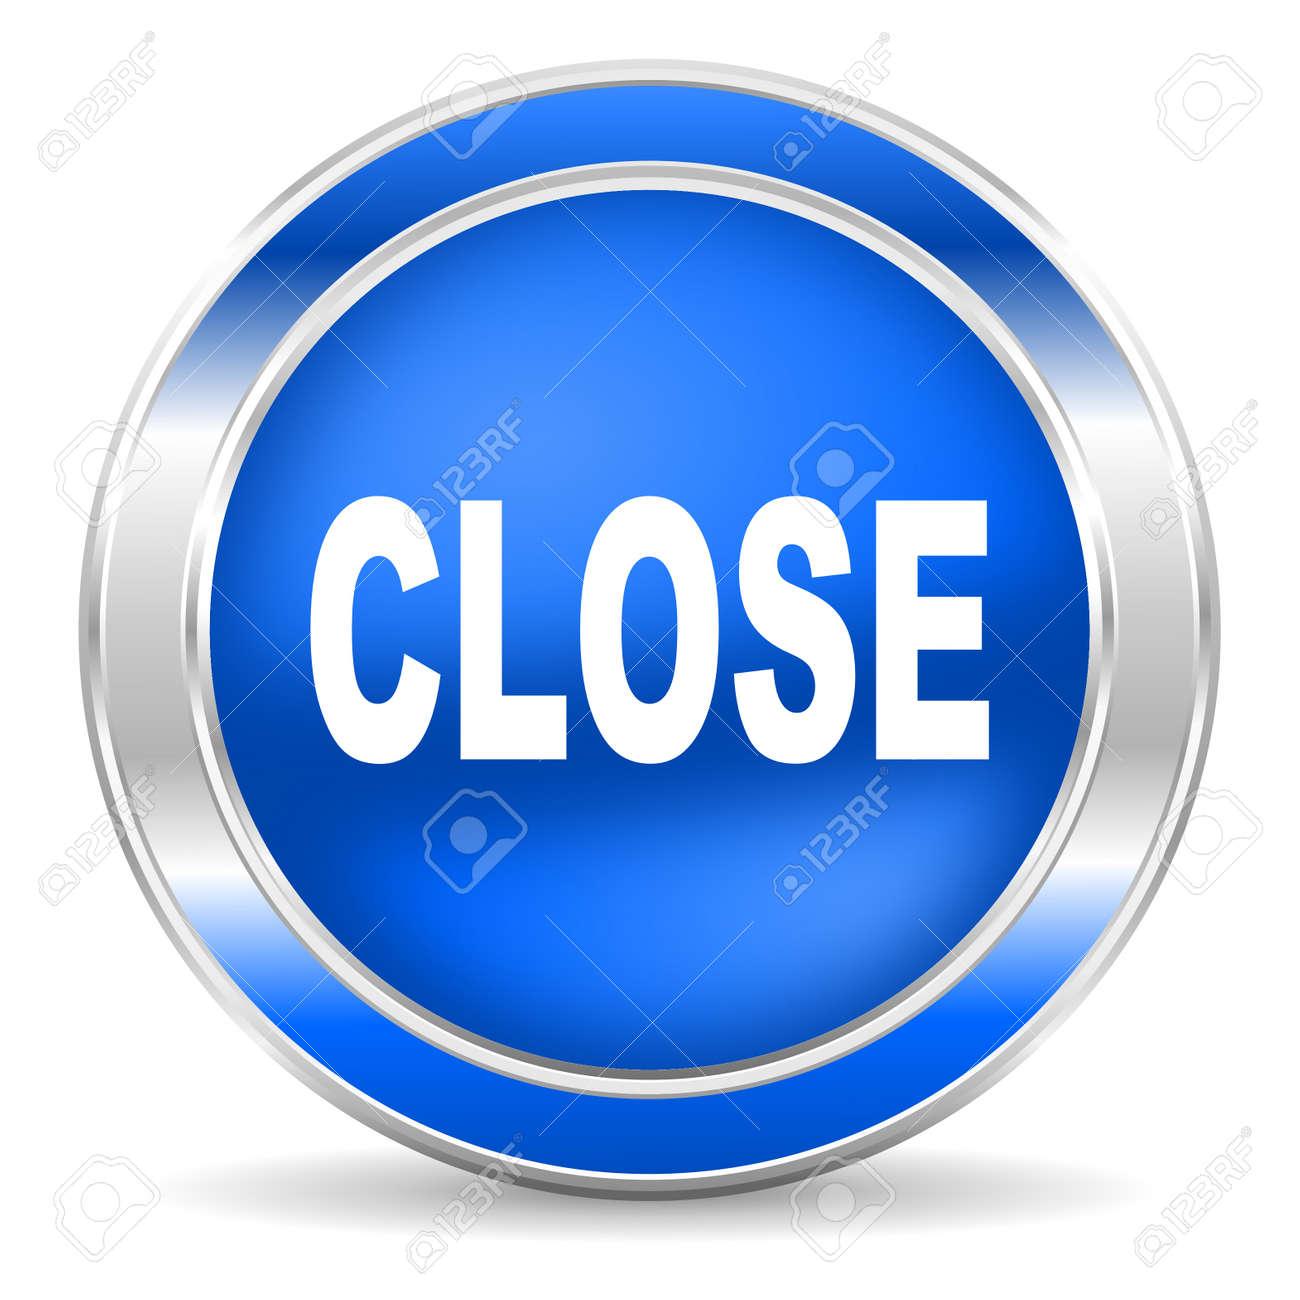 close icon Stock Photo - 27435202